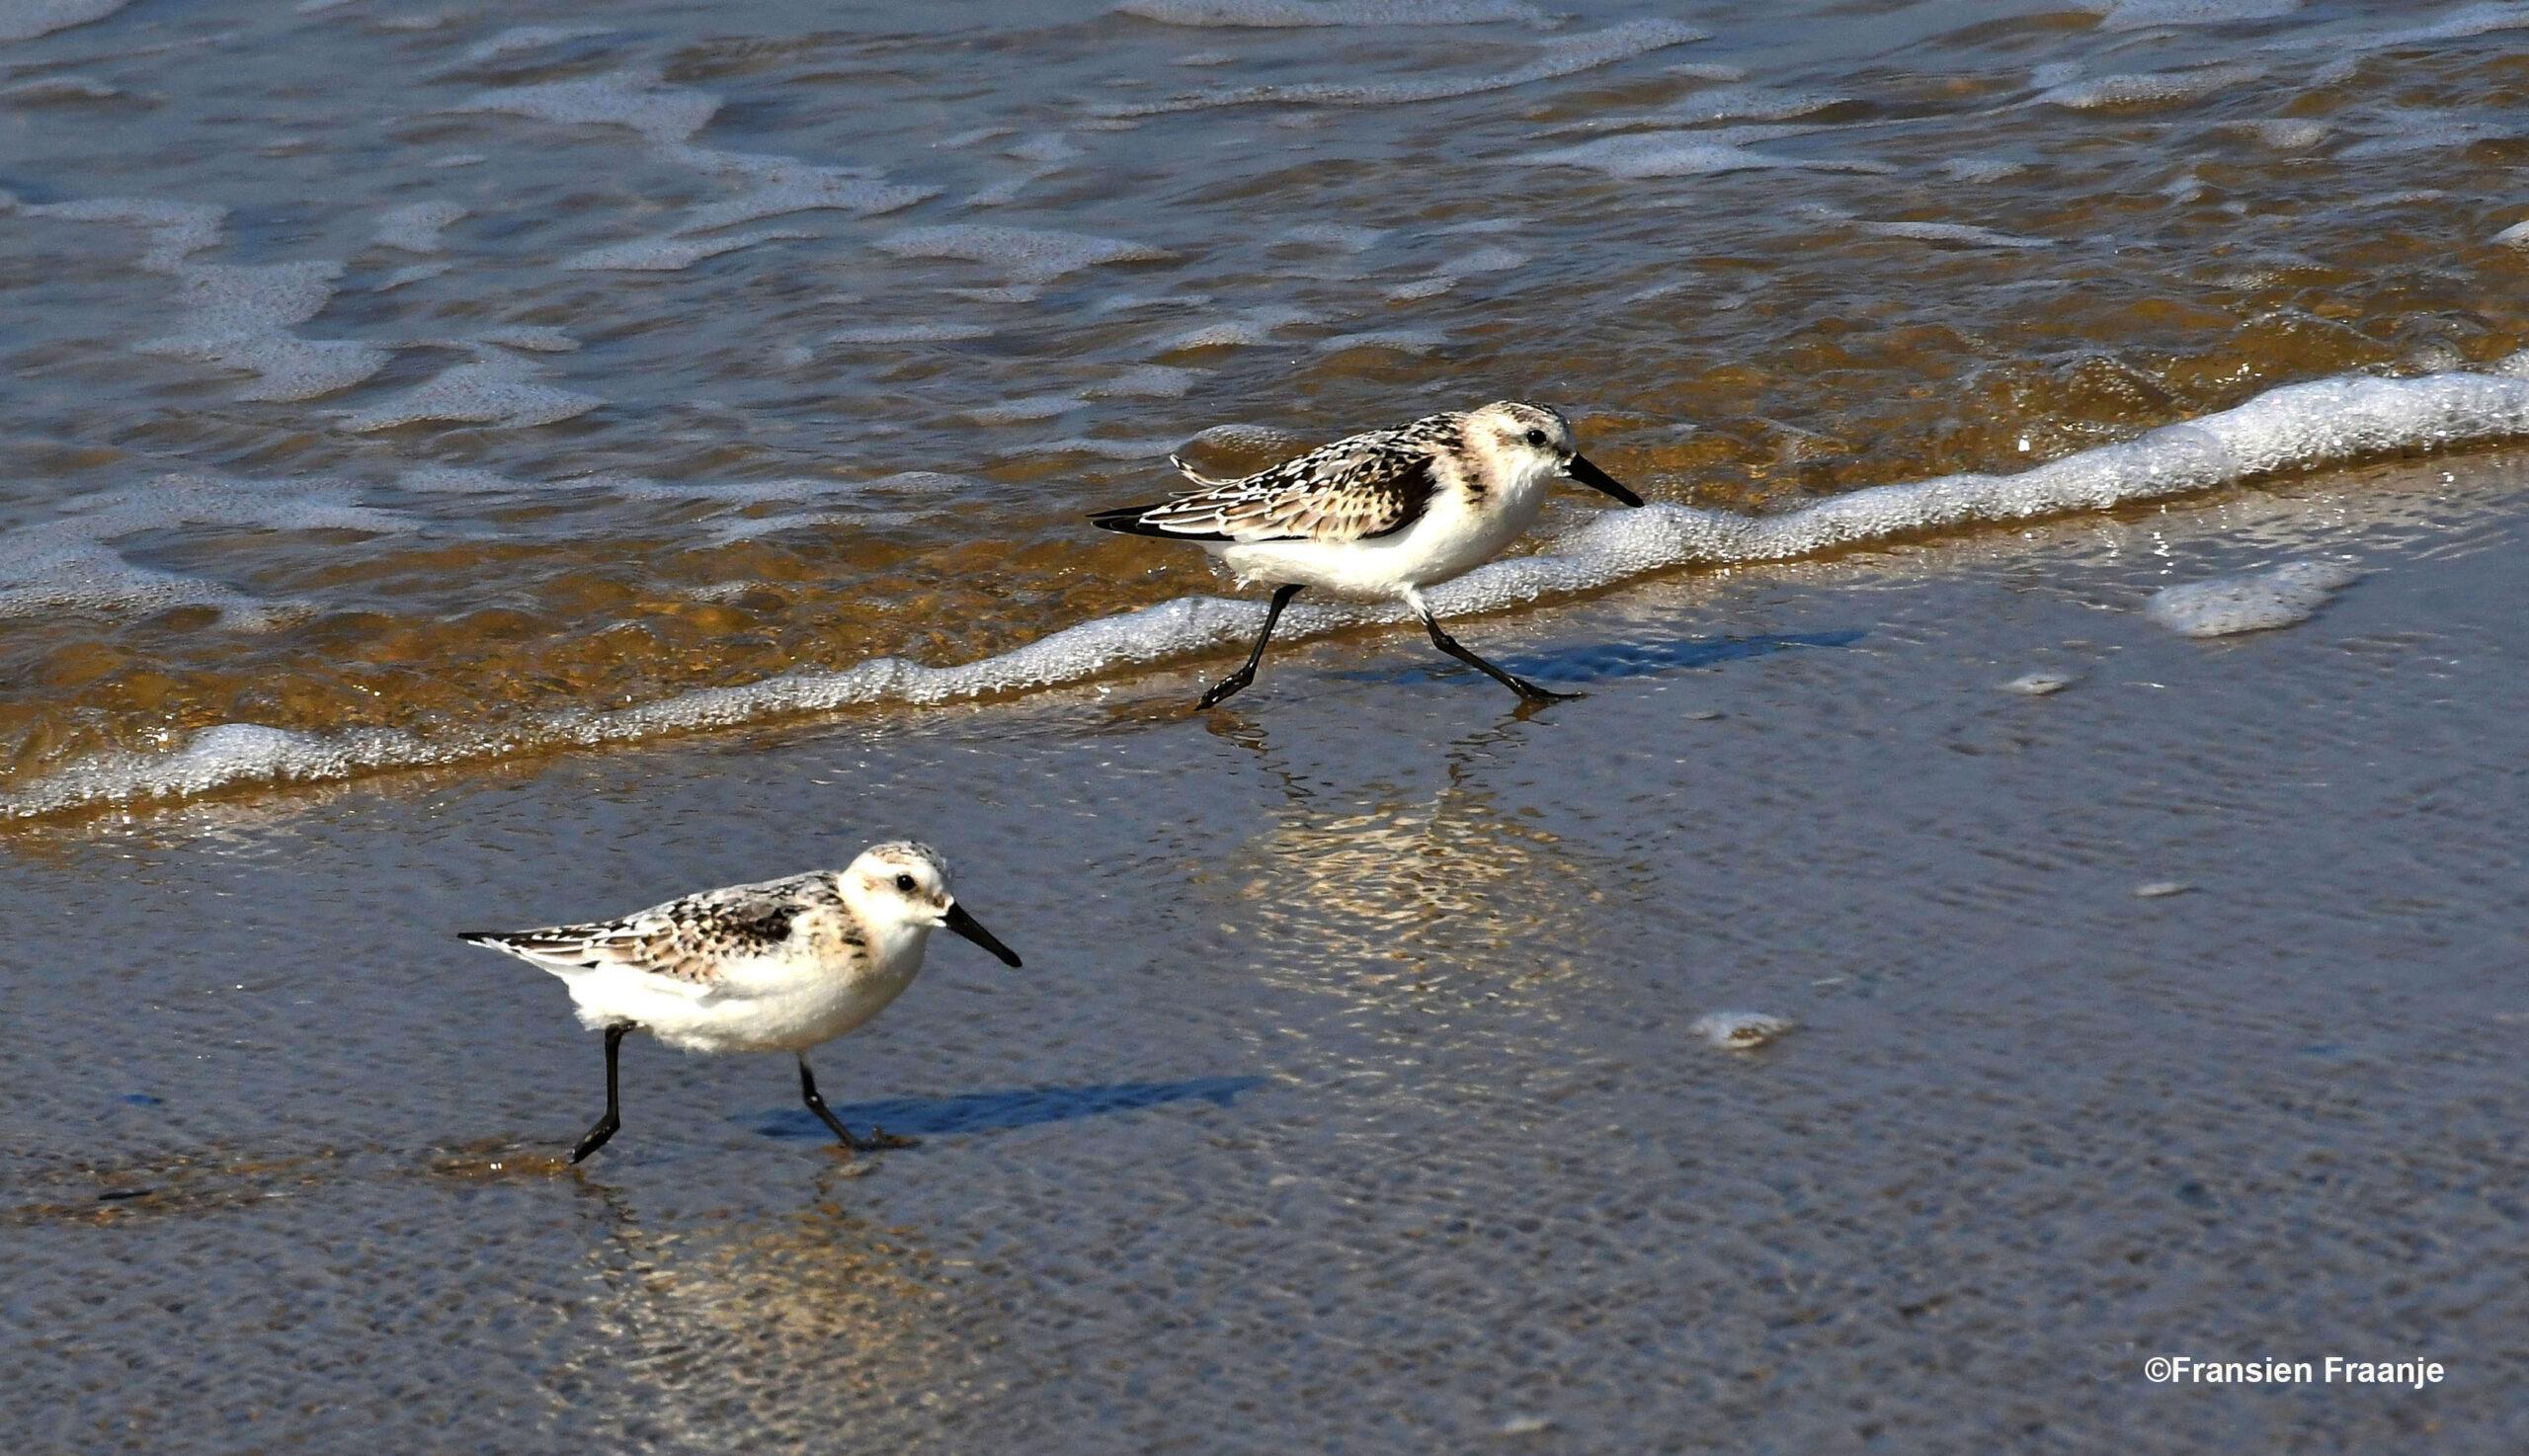 Drieteenstrandlopertjes, terwijl ze op en neer aan het rennen waren met de rollende golven langs de vloedlijn - Foto: ©Fransien Fraanje